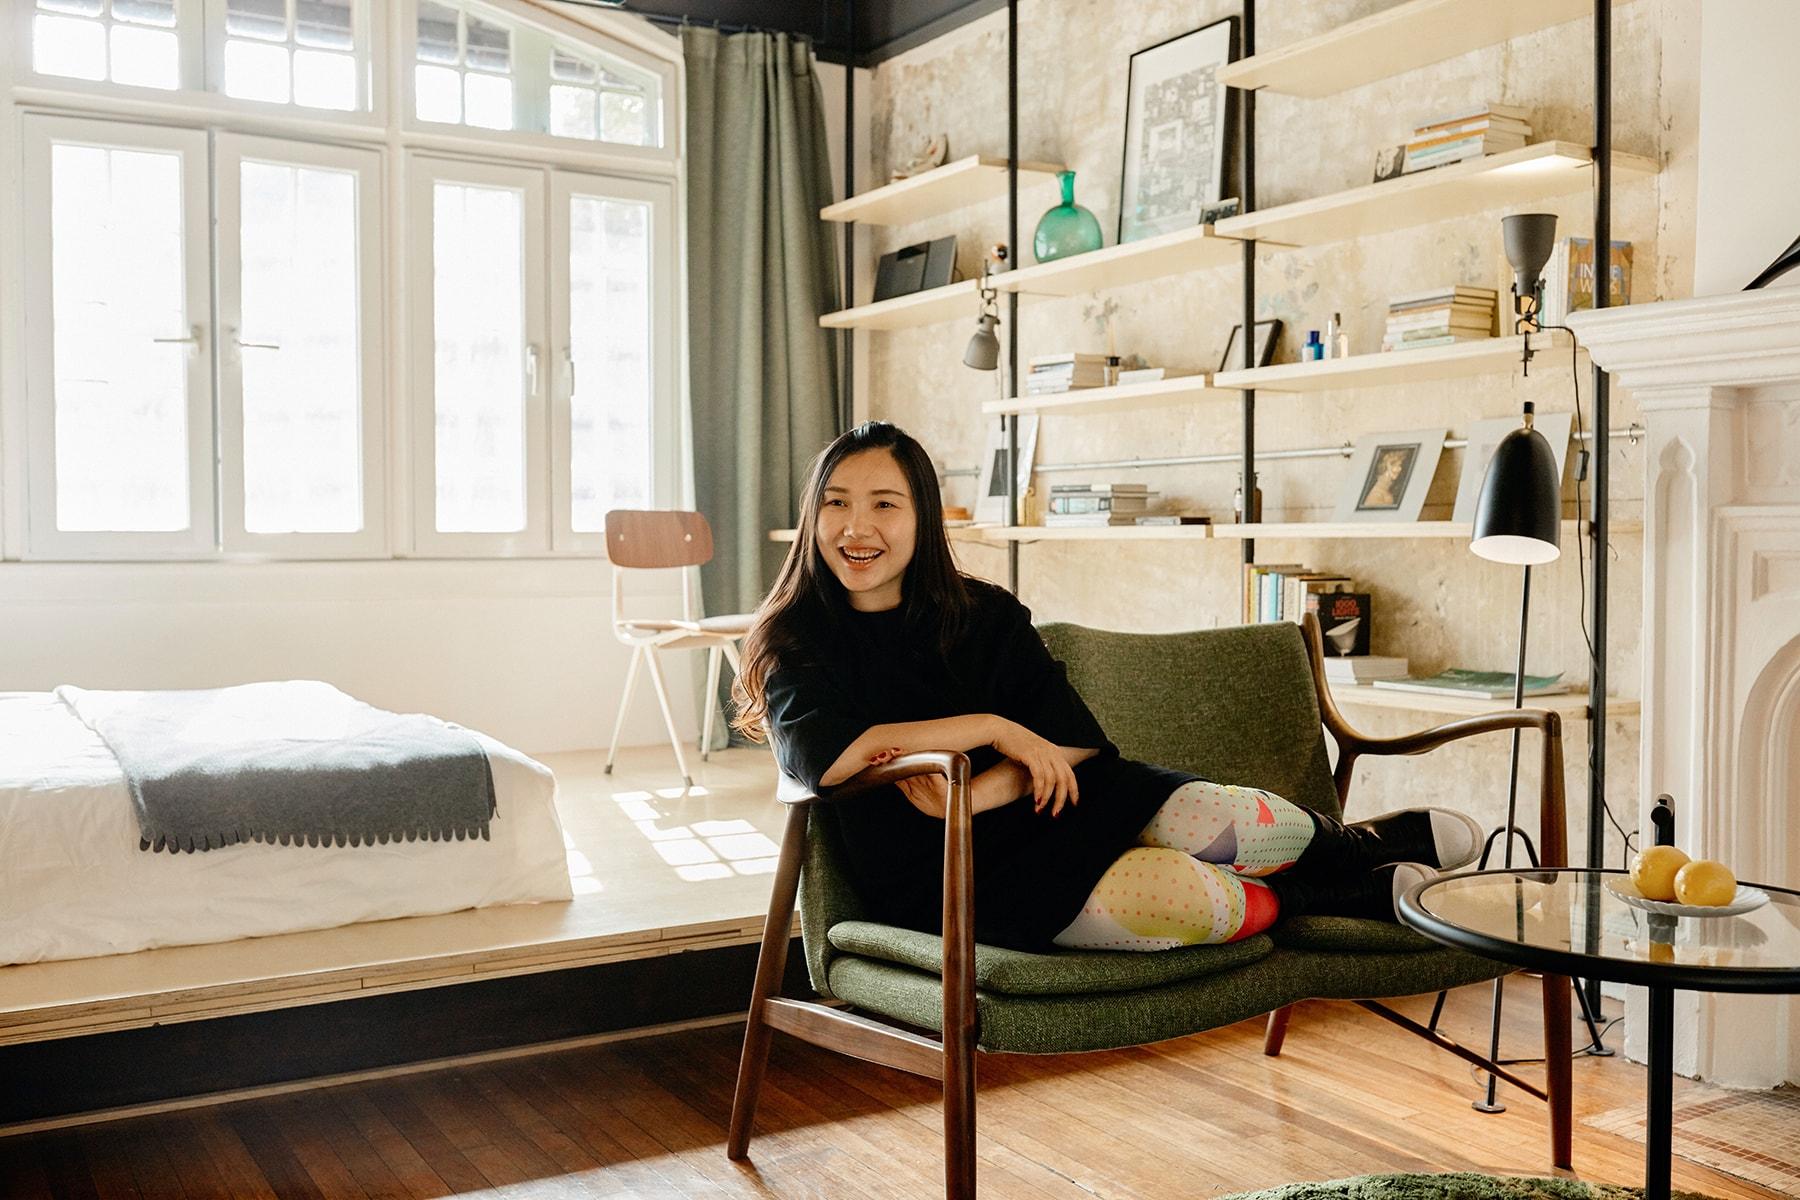 在Airbnb爱彼迎,女性的力量从未止步